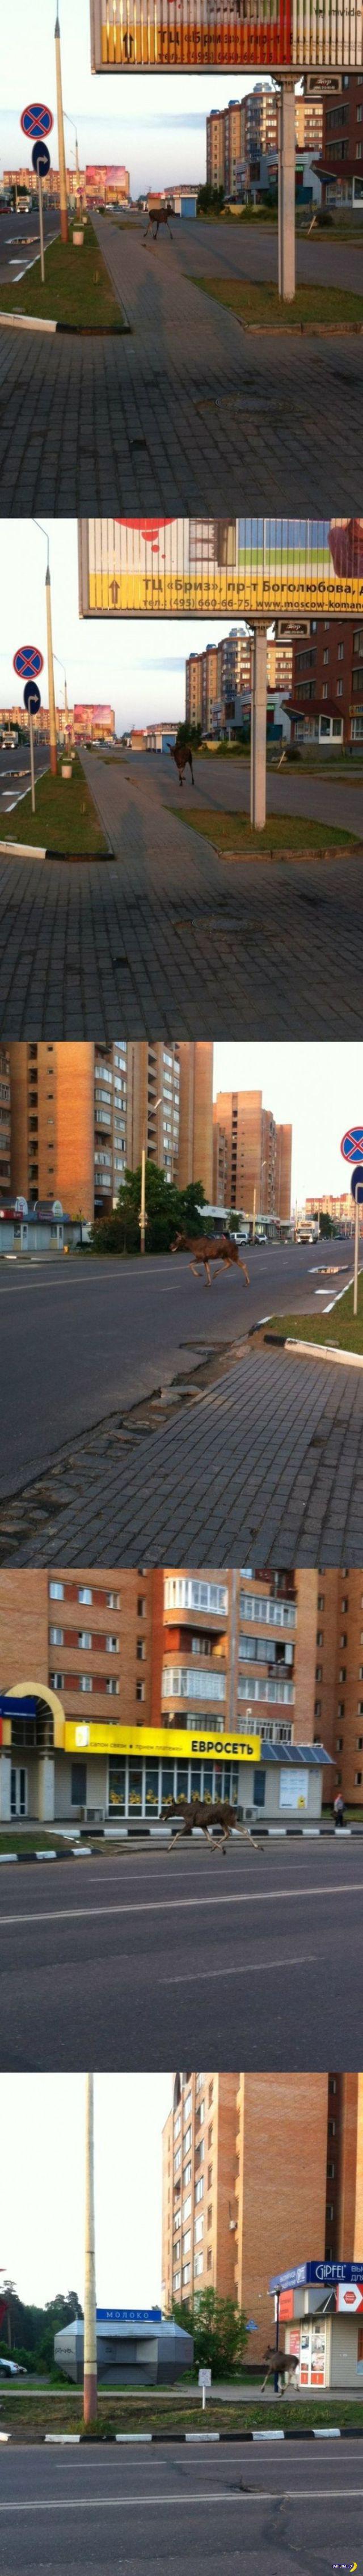 А тем временем в России - 26